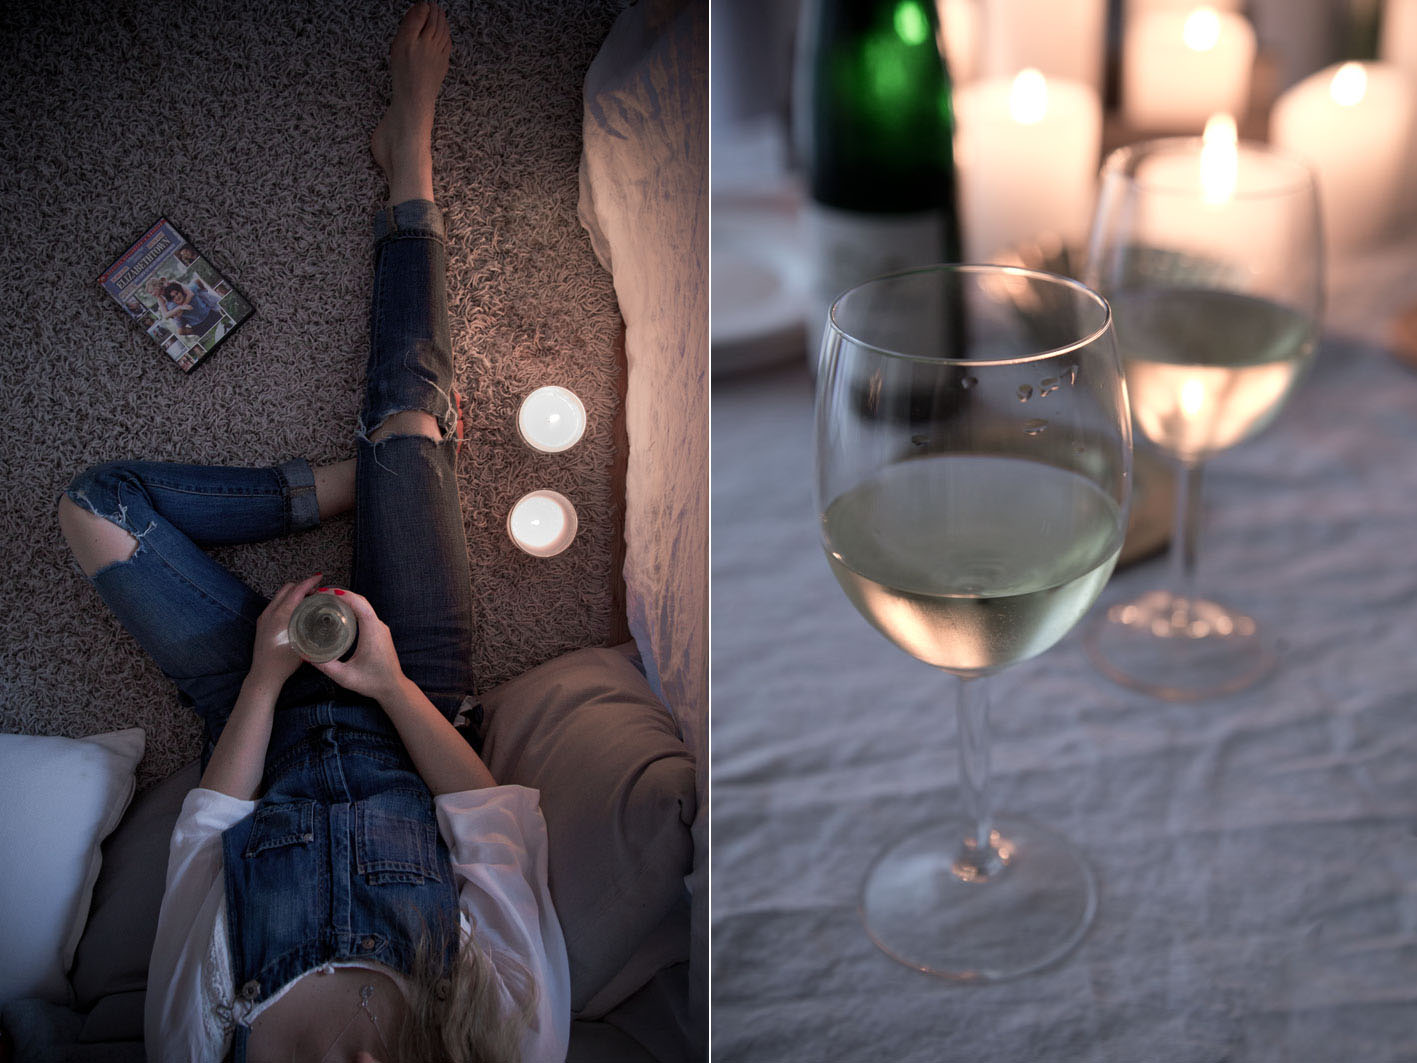 maedelsabend bei einem glas wein